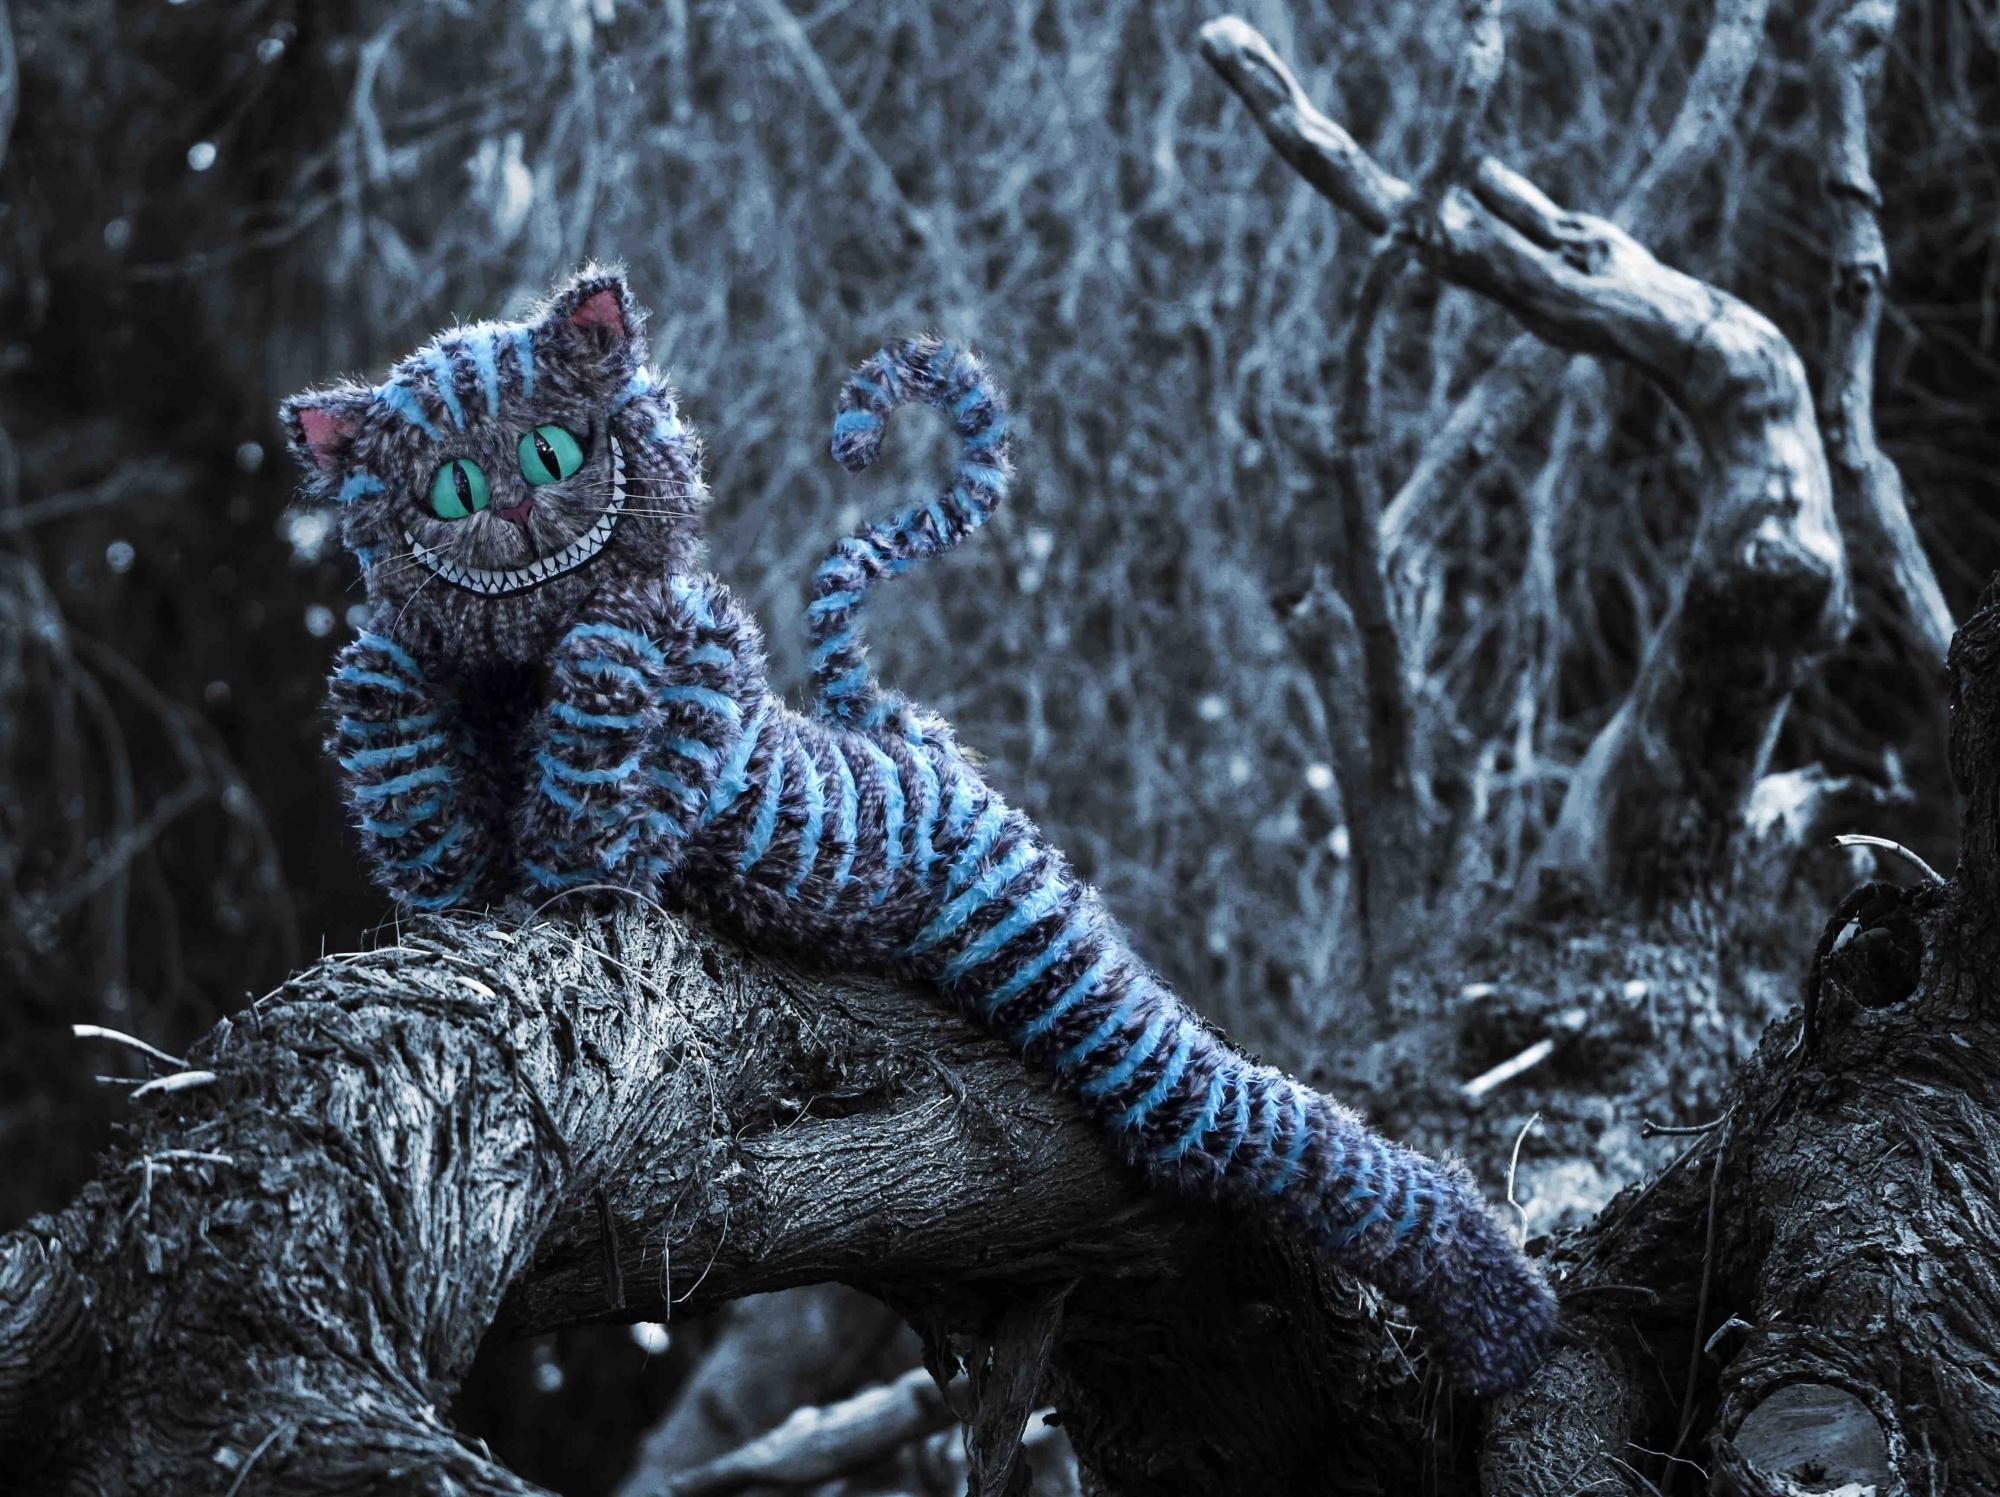 фото кота из алисы в стране формировать сайты